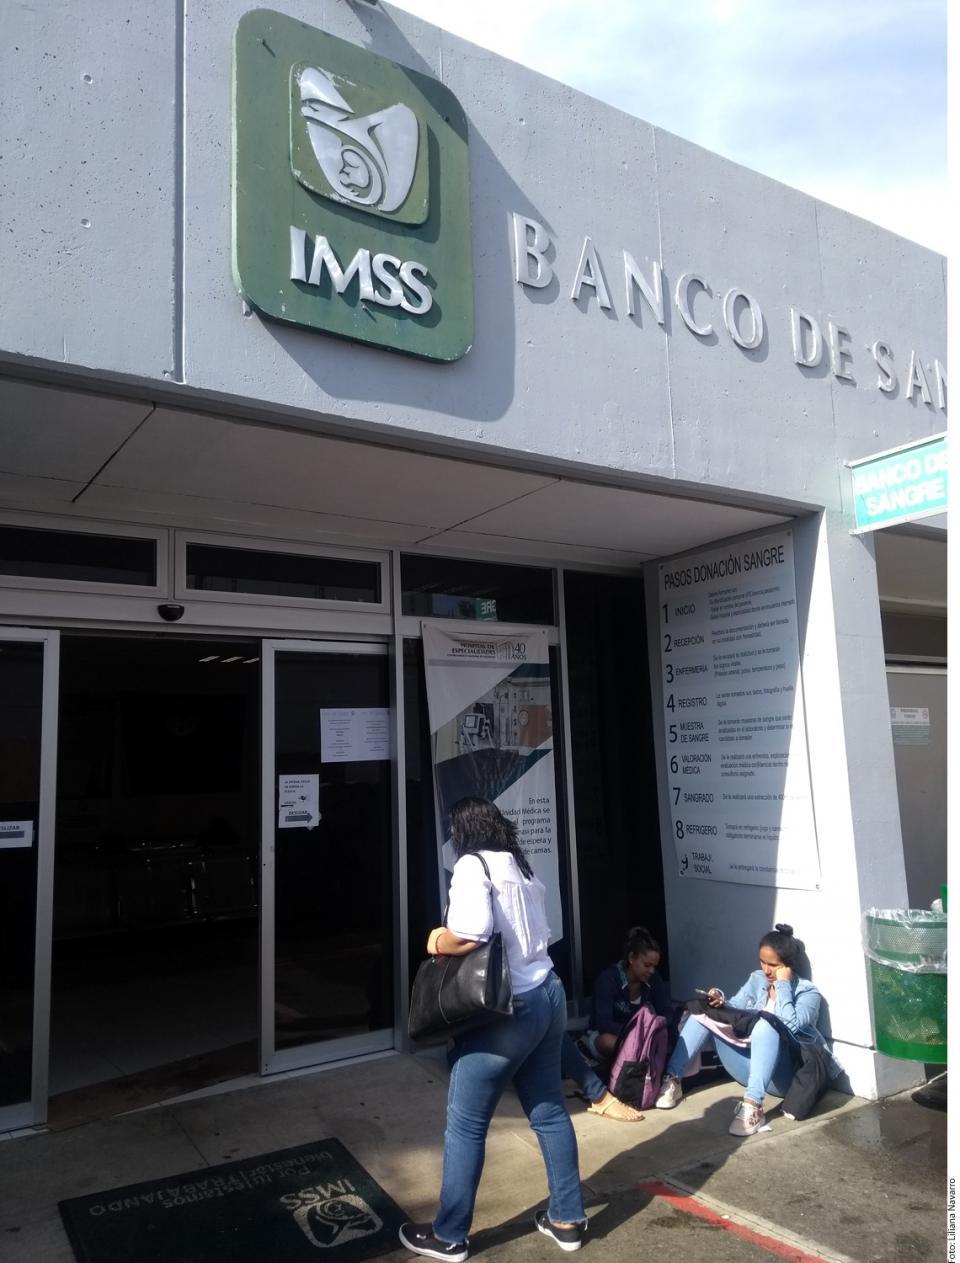 Con irregularidades con IMSS  431 empresas en Jalisco